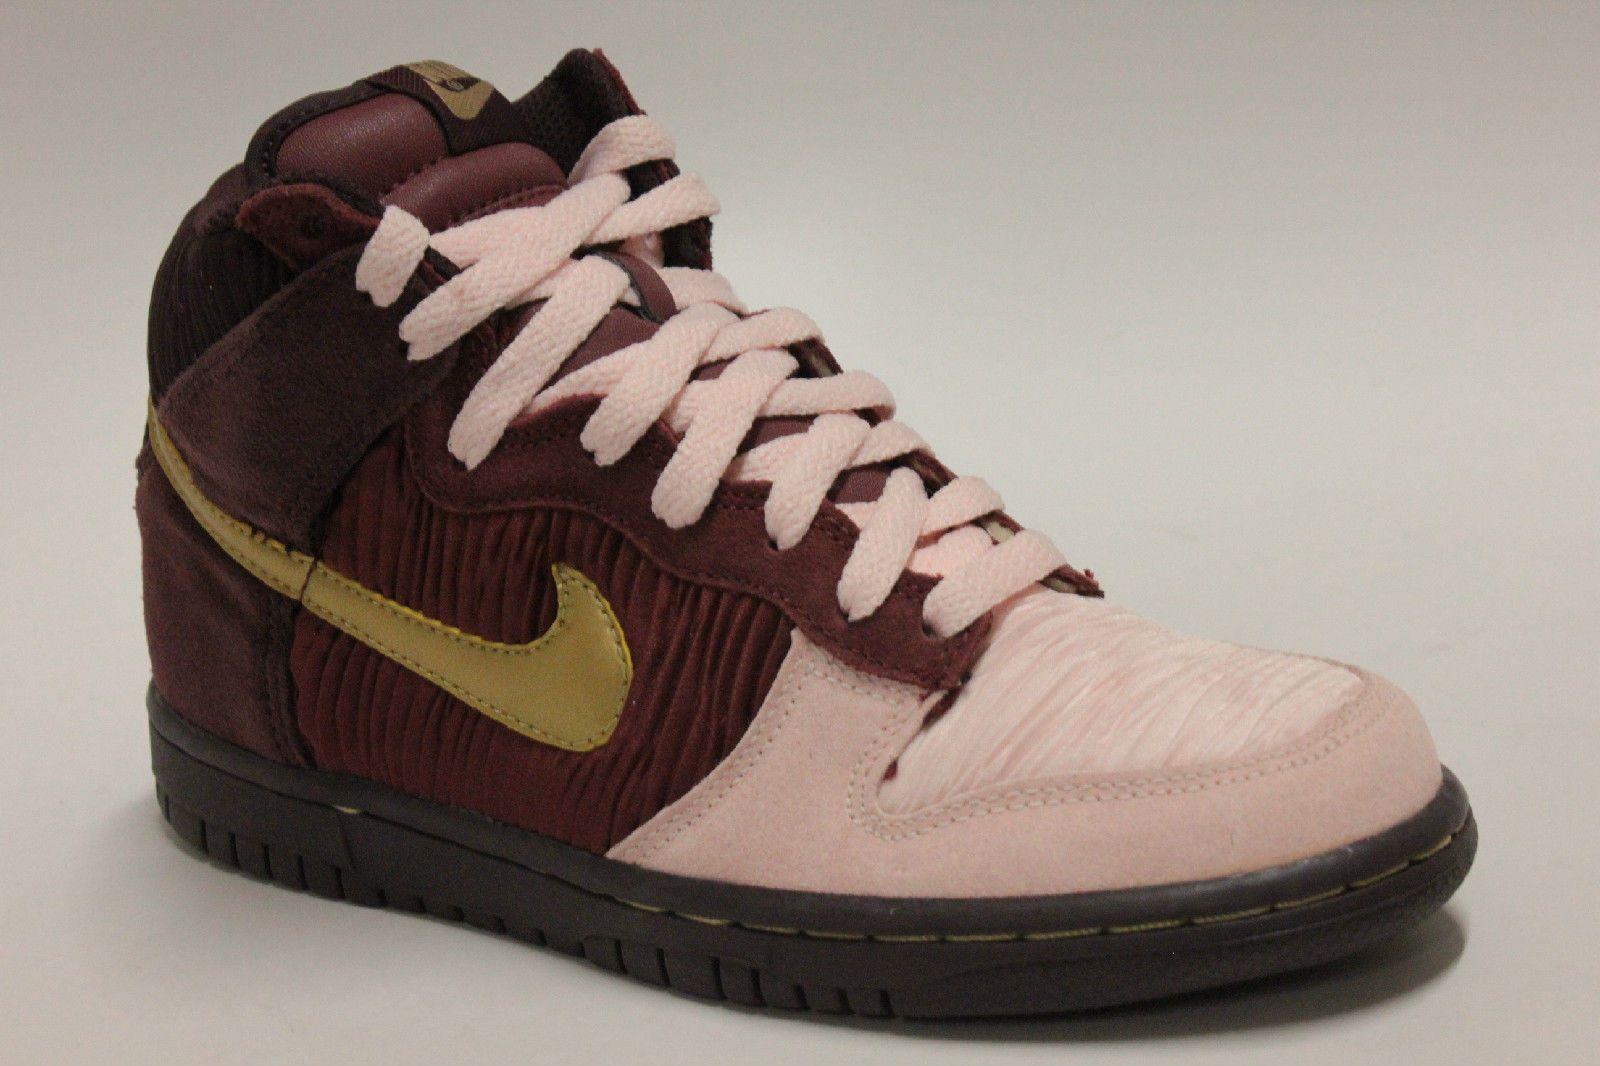 6deaa28e2a Nike Dunk High GS Deep Burgundy Gold Aluminum Pink Big Kids Sneakers 316604  671 | eBay